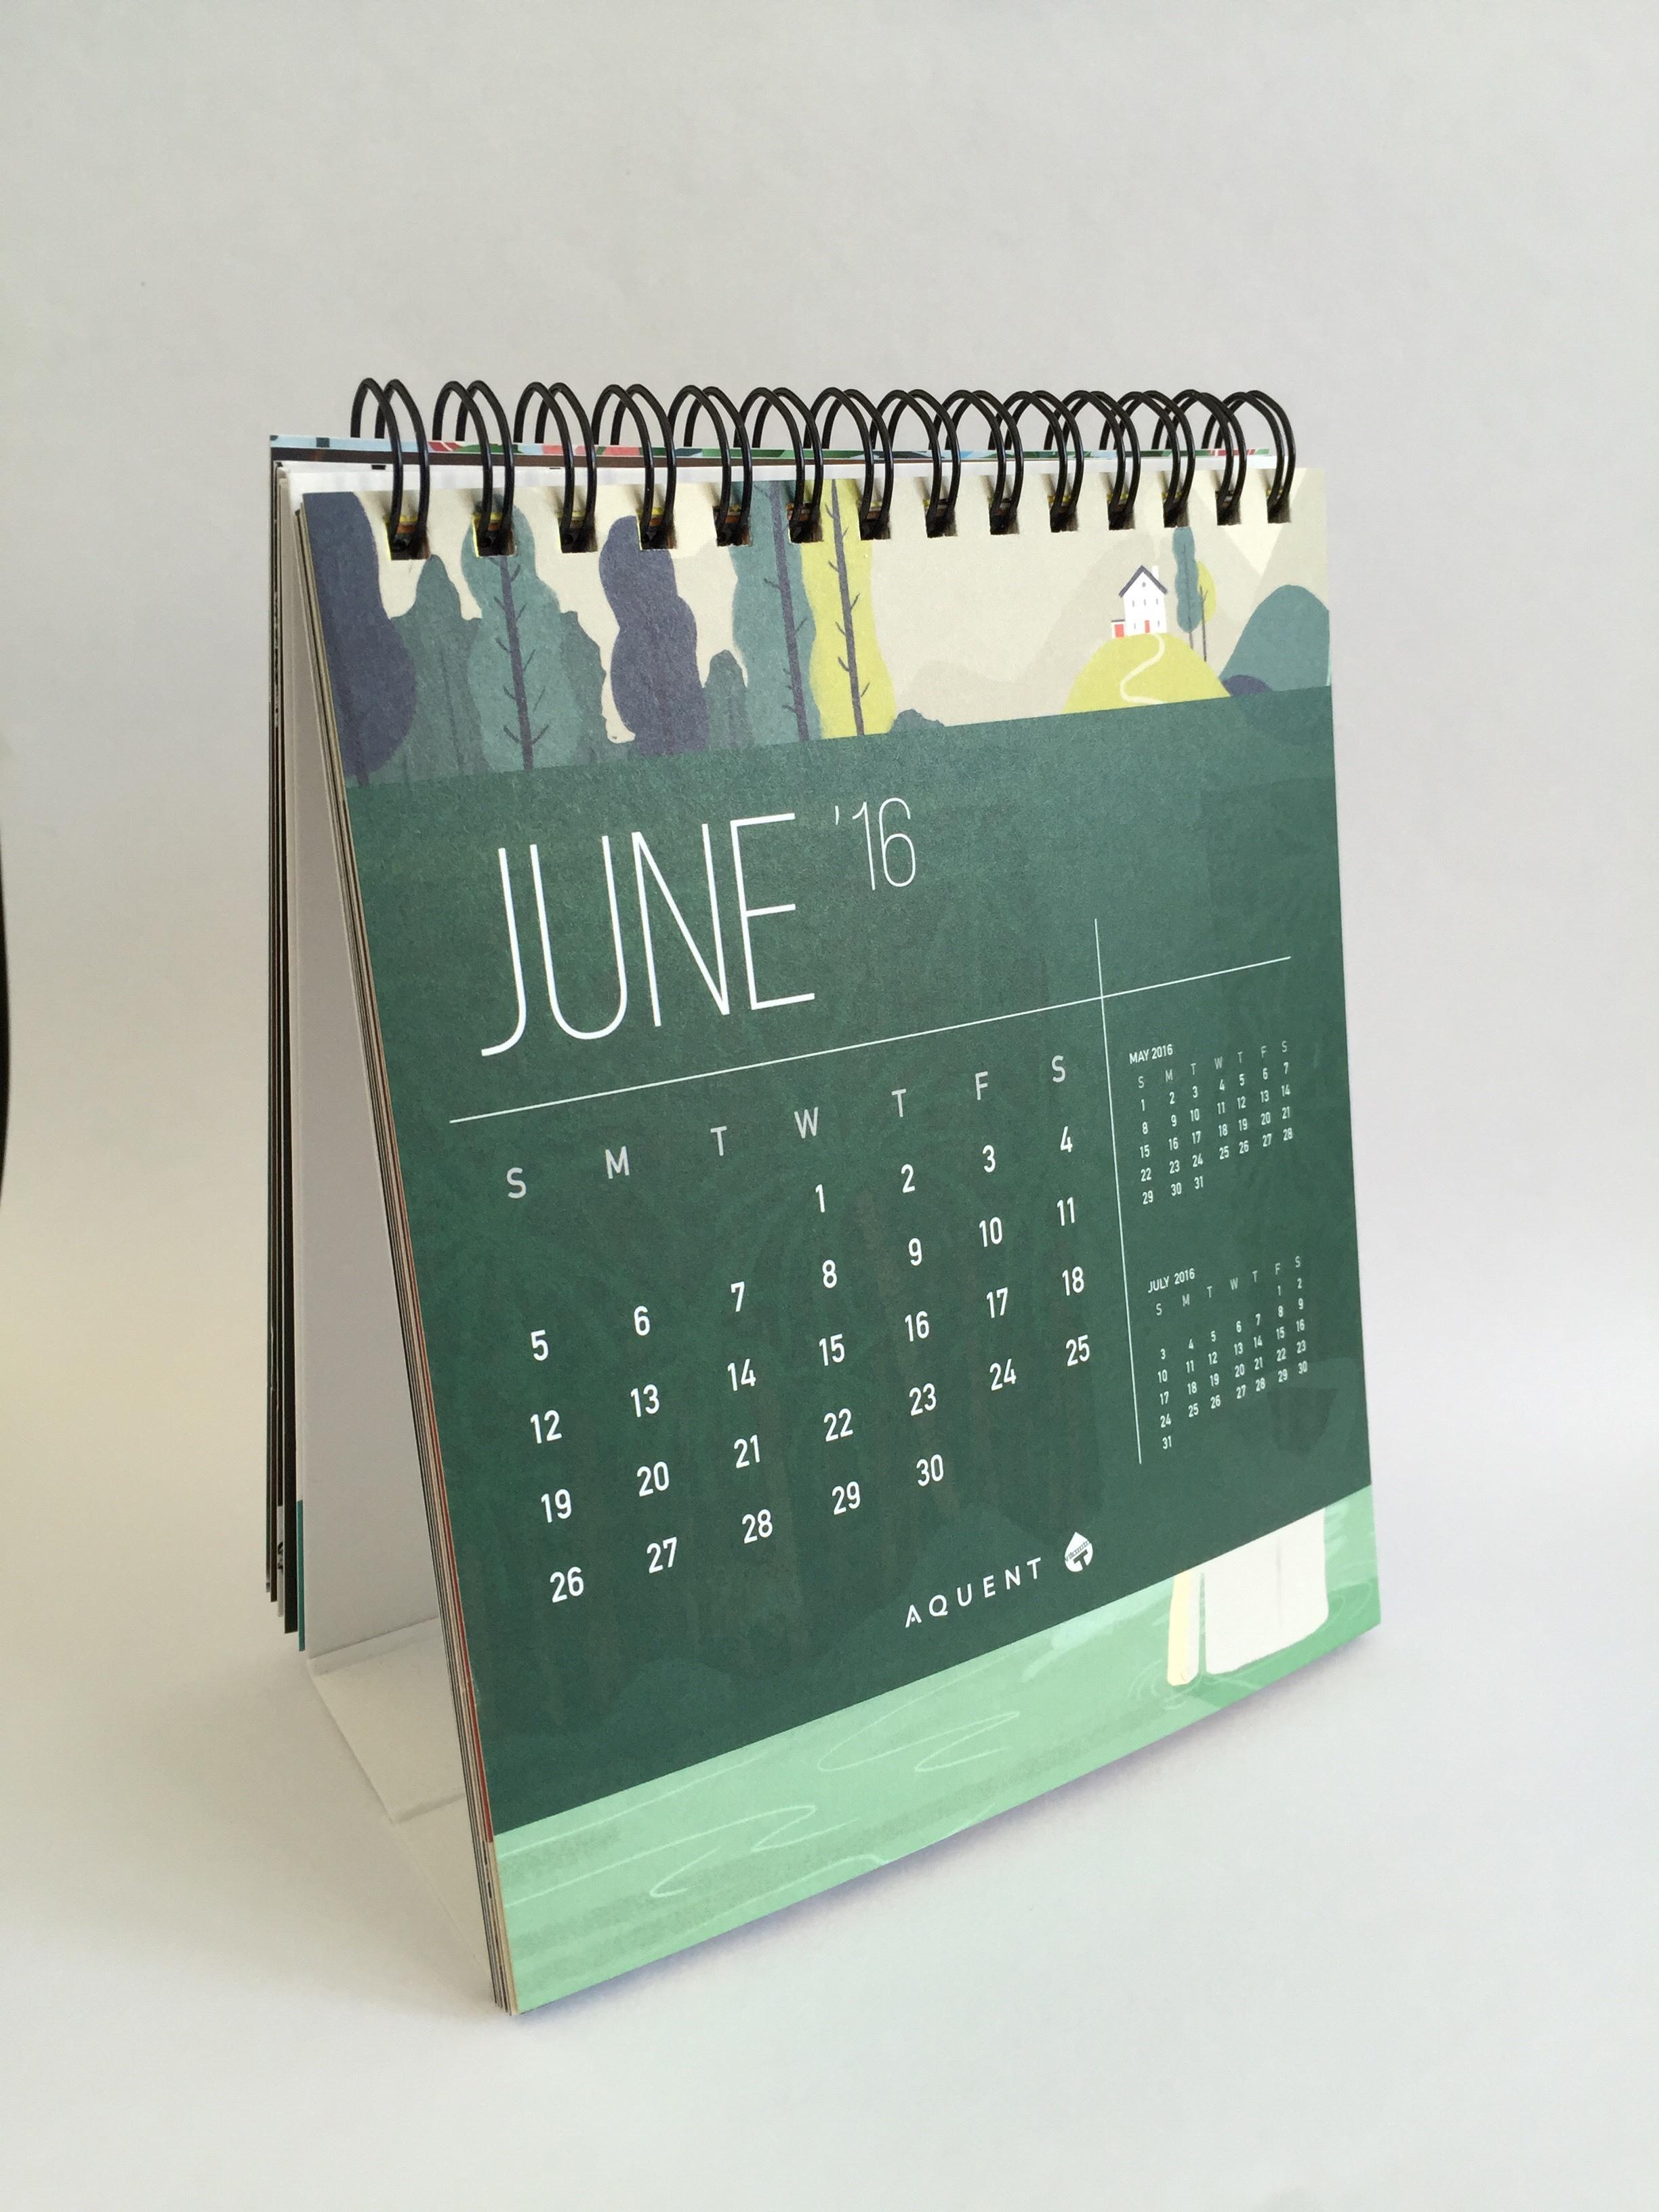 Aquent_VitaminT_Calendar_Mark Conlan_Blog2